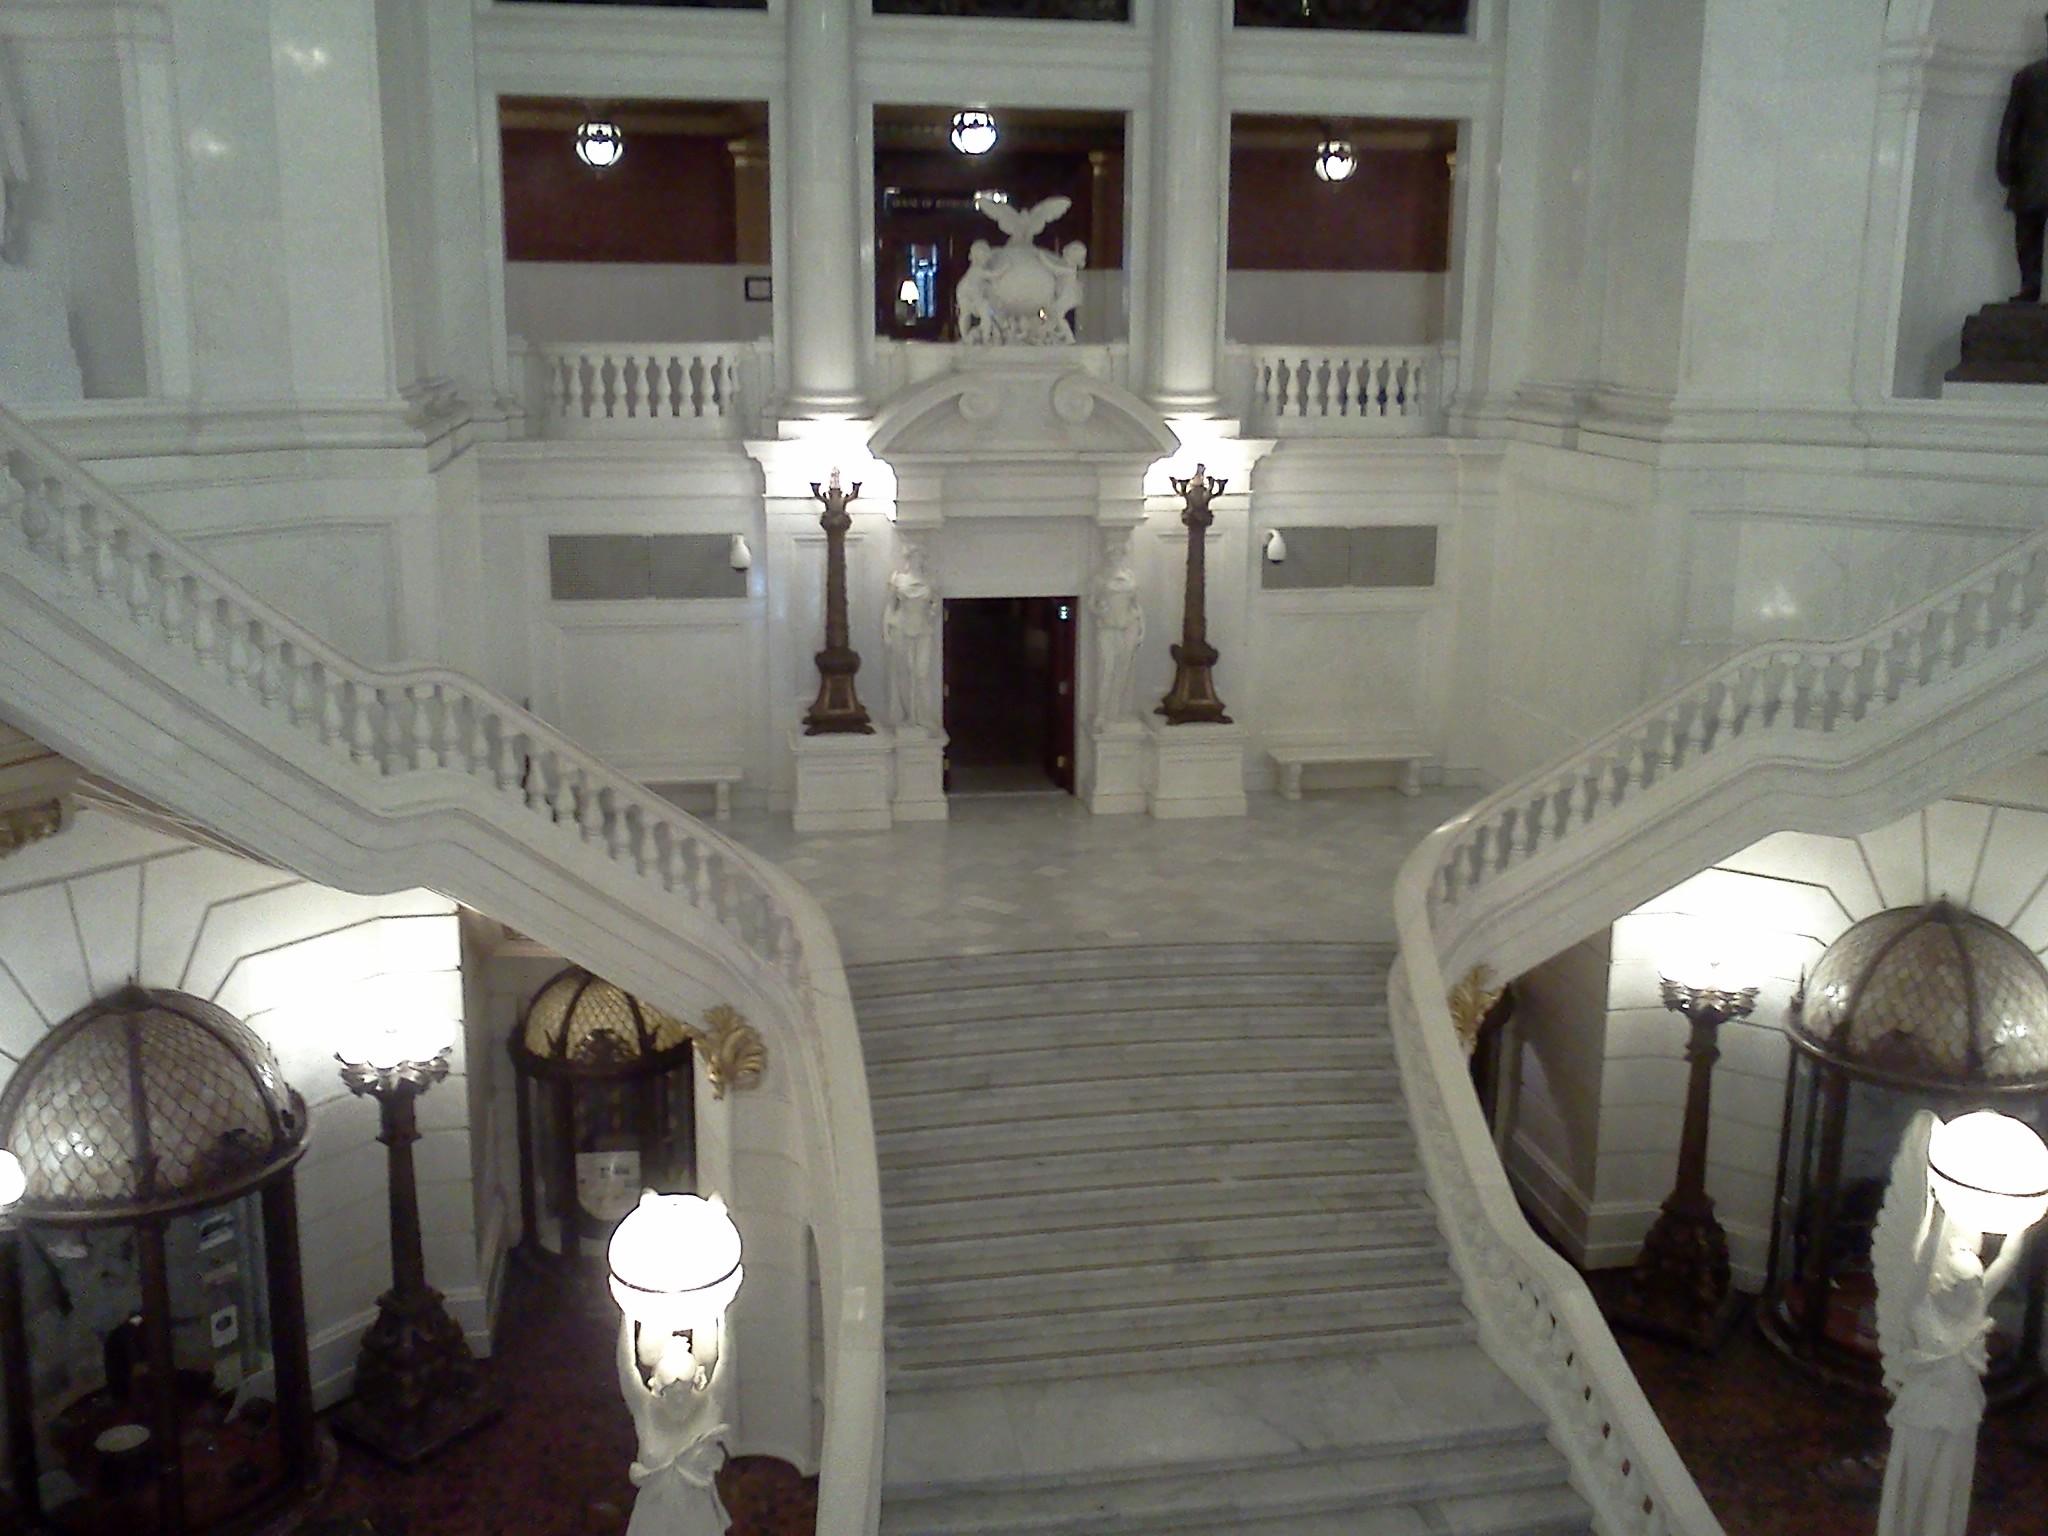 CapitolRotunda3